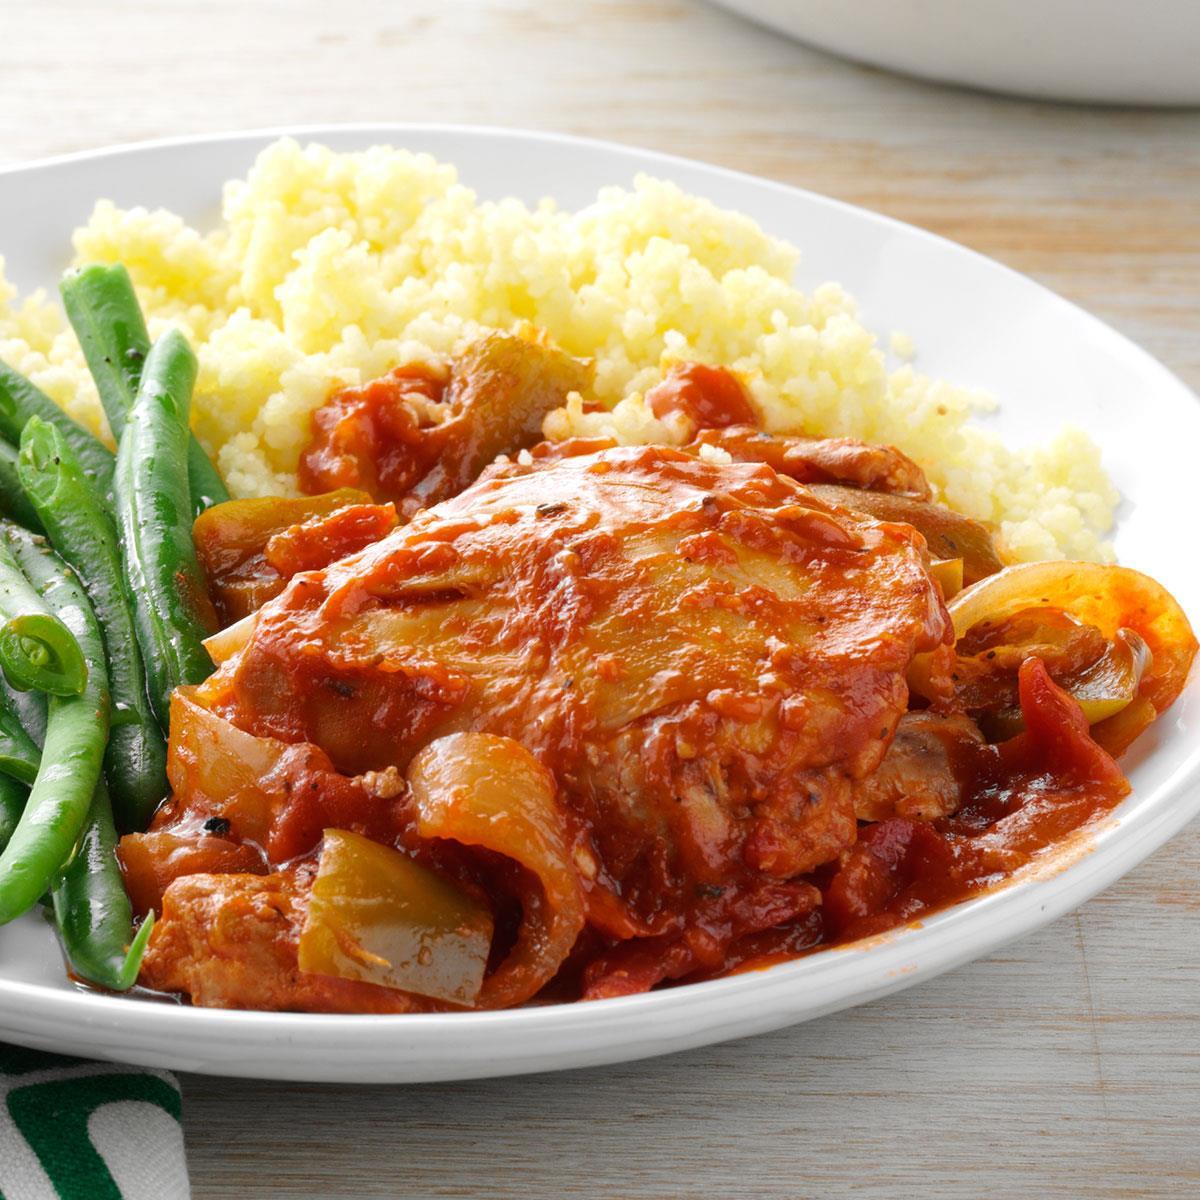 Garden chicken cacciatore recipe taste of home for Home and garden recipes